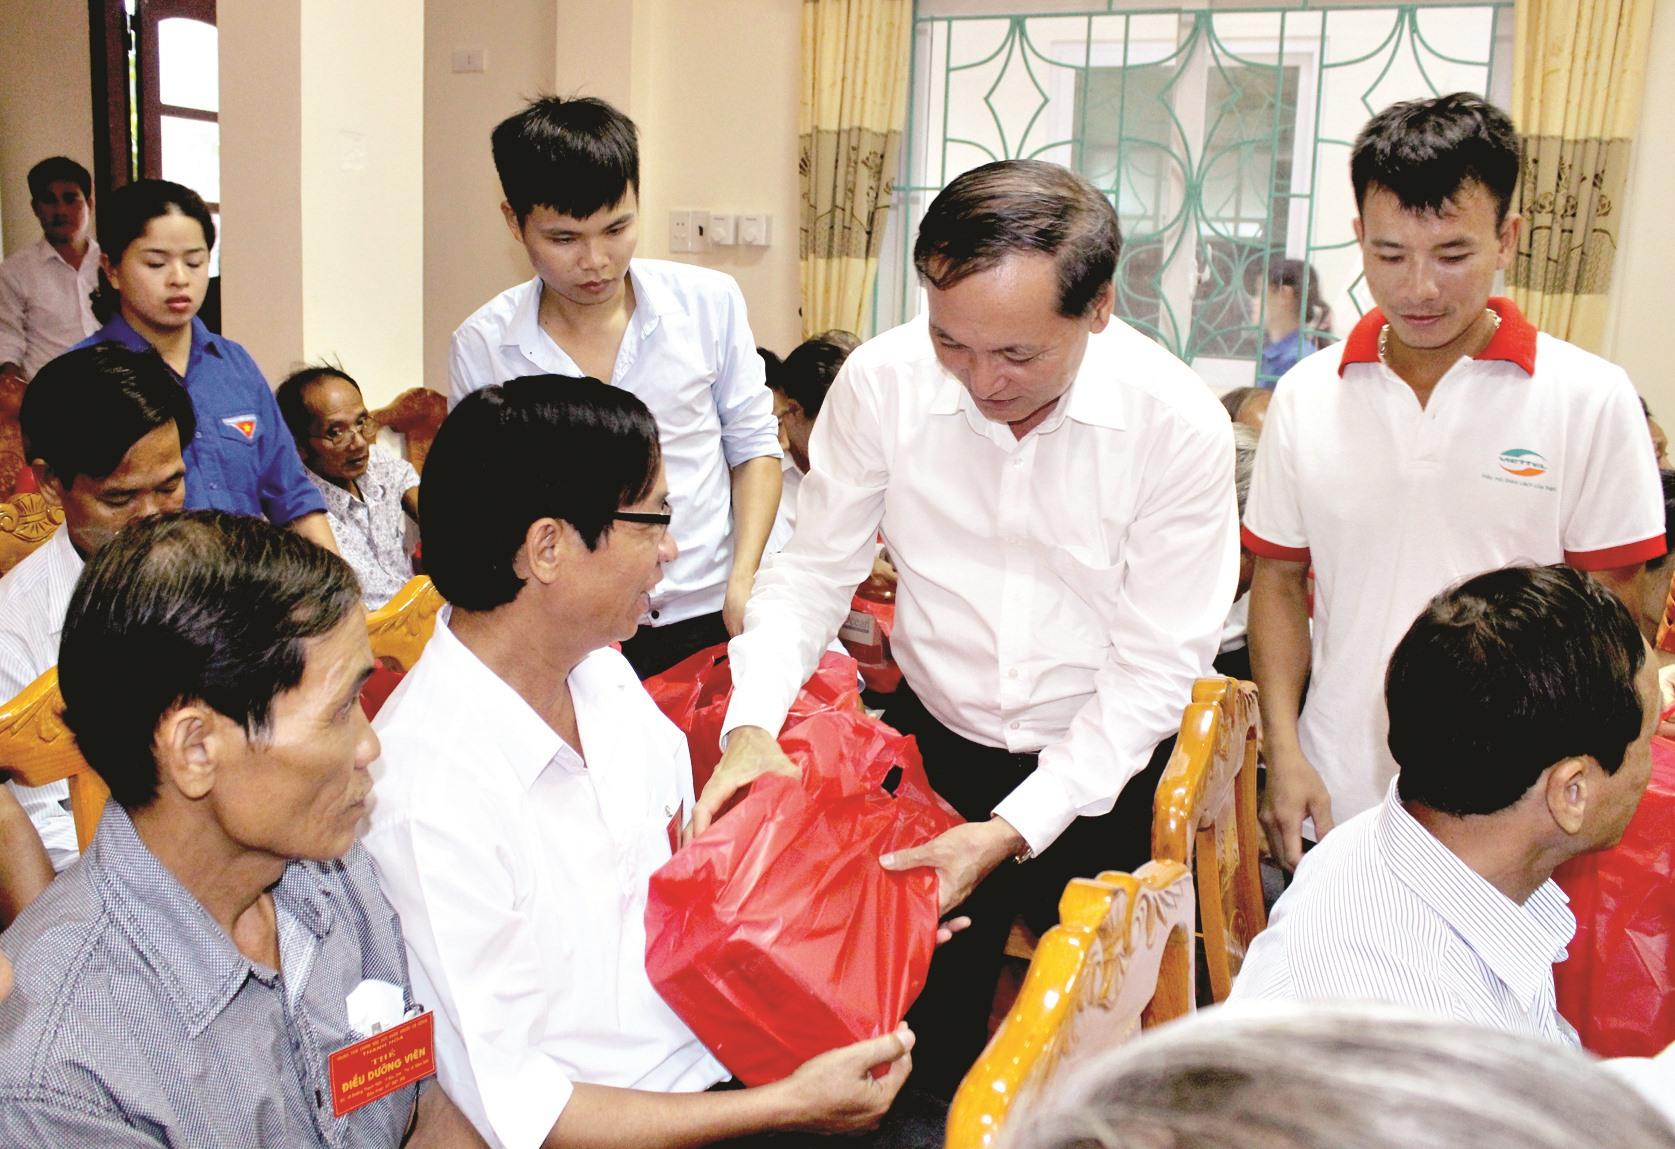 Lãnh đạo tỉnh Thanh Hóa tặng quà người có công tỉnh Quảng Nam trong một đợt điều dưỡng tại Thanh Hóa. Ảnh: D.L